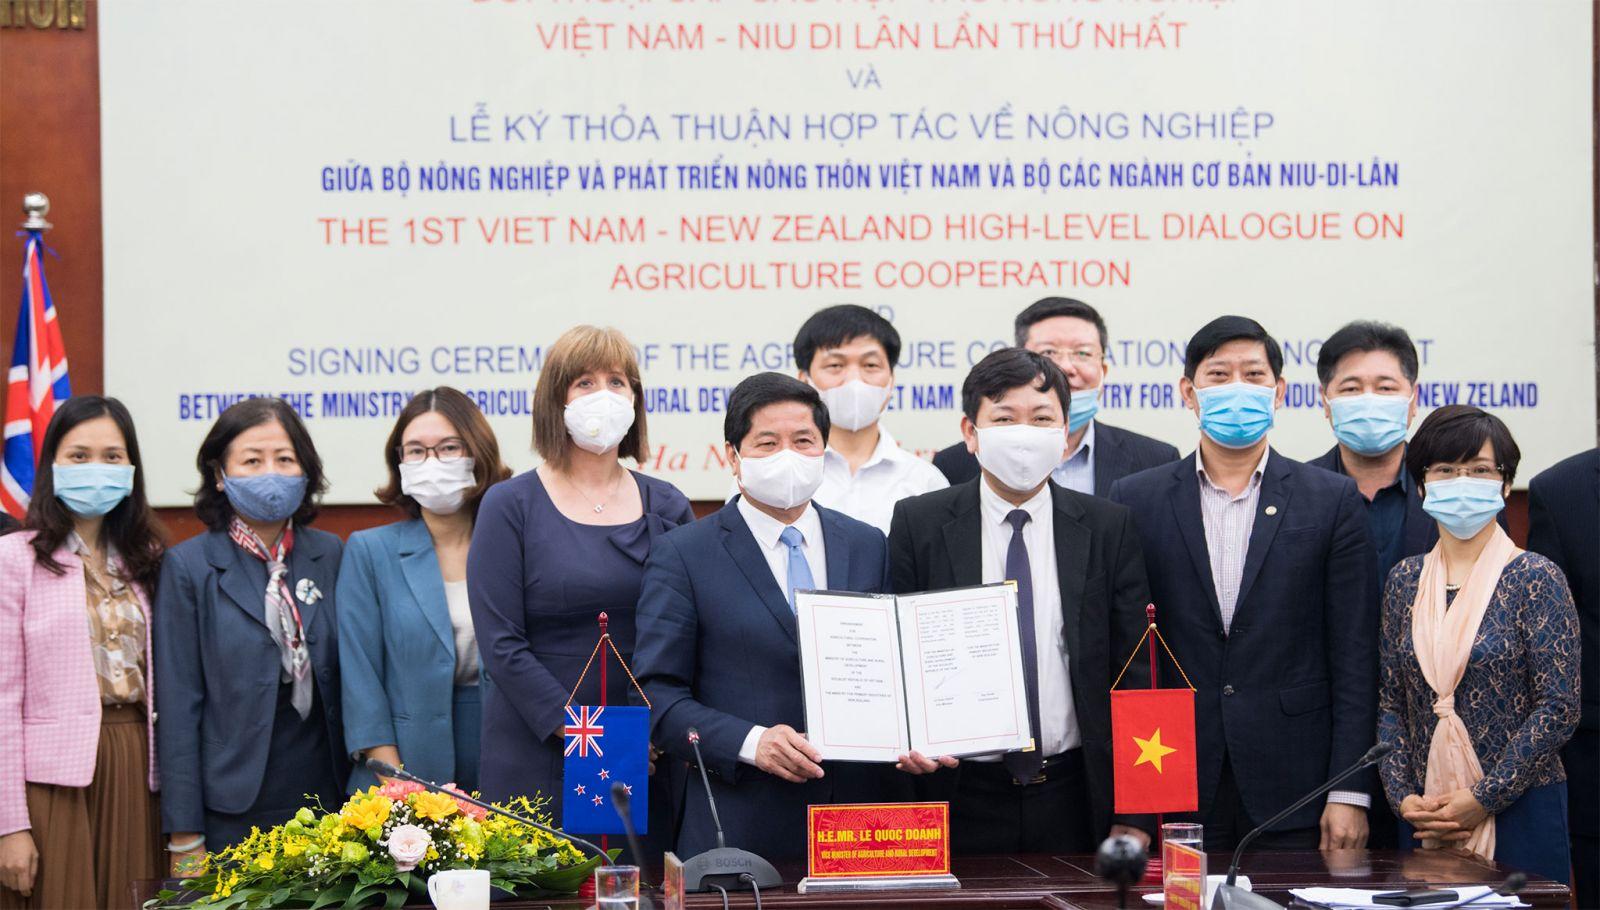 Lễ ký Thỏa thuận hợp tác trong lĩnh vực Nông nghiệp tại Đối thoại Nông nghiệp cấp cao New Zealand- Việt Nam lần thứ nhất. Nguồn: ĐSQ New Zealand tại Việt Nam